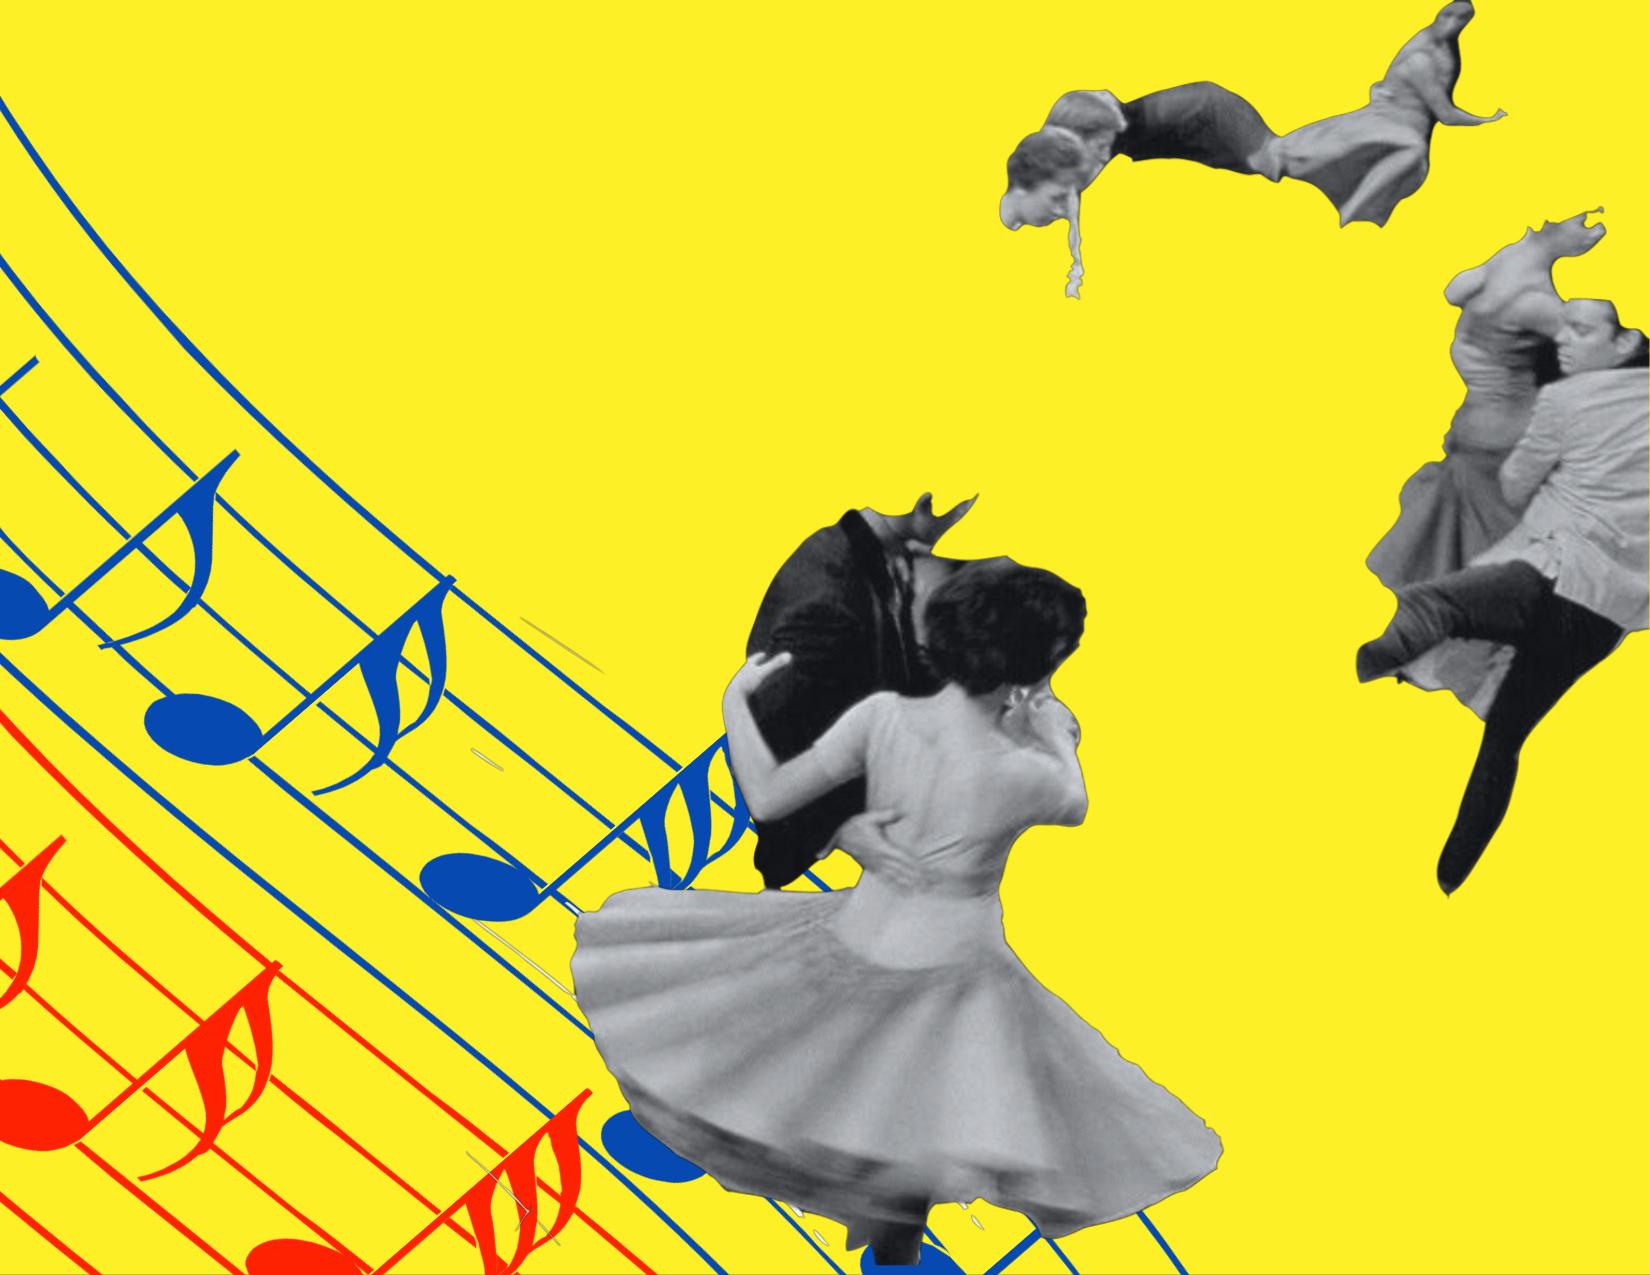 FairlyChatty presents: Las canciones que me han cambiado la vida